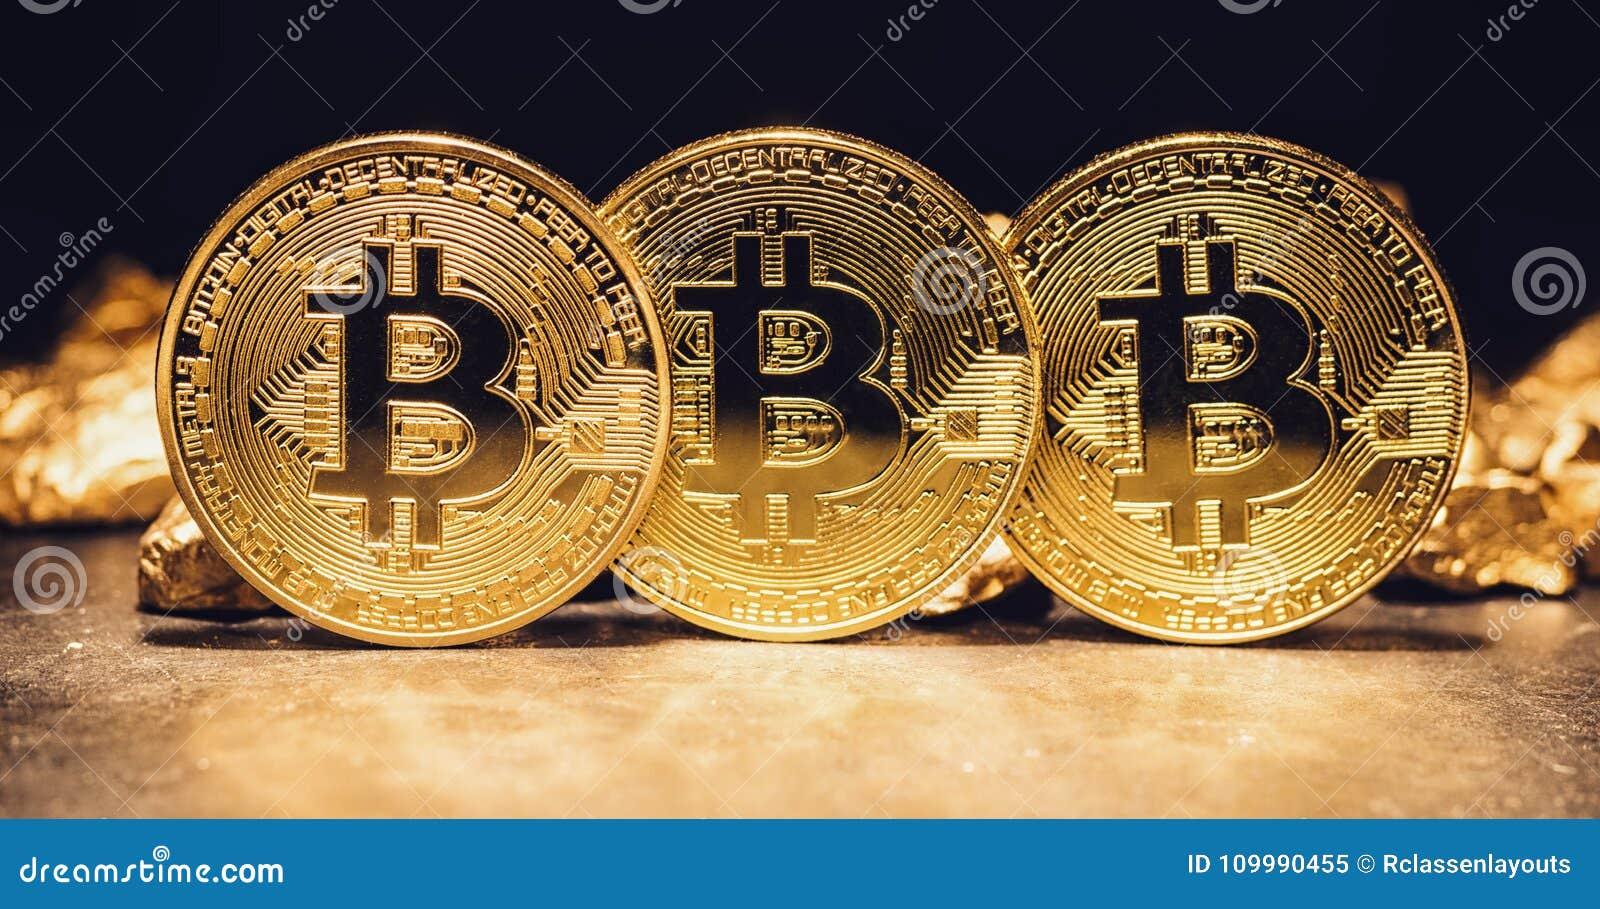 Bitcoin nowy cyfrowy złoto